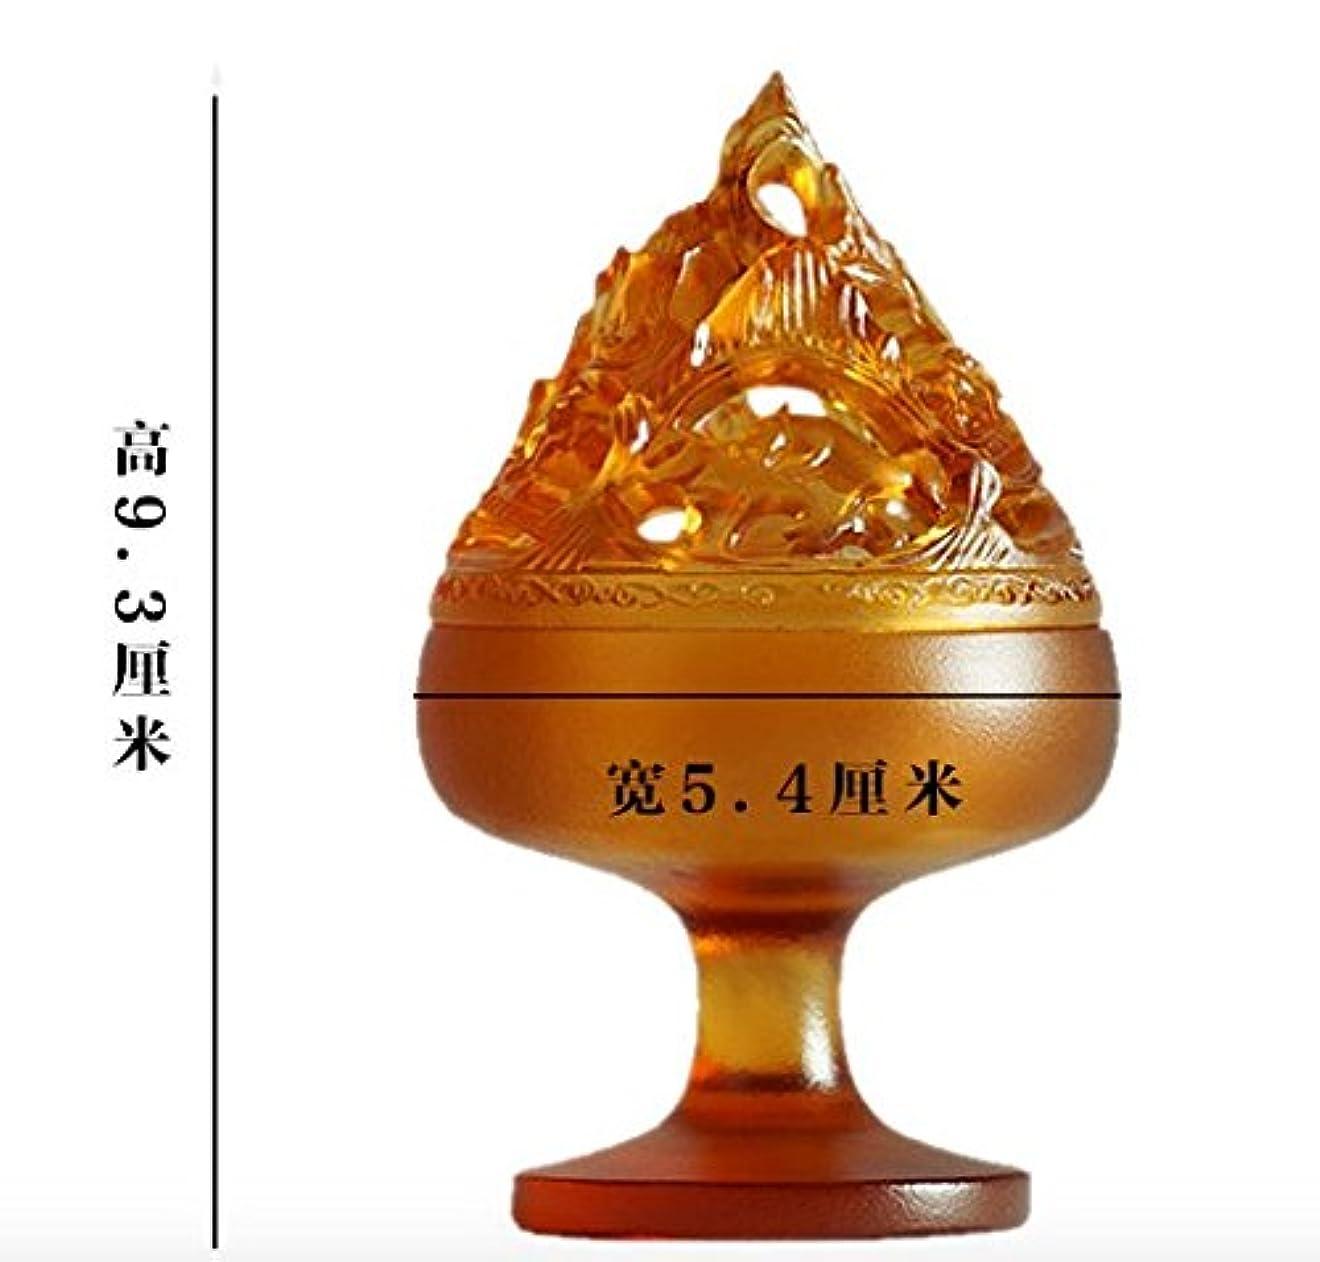 エーカー甘い扱う【Lenni】仿古博山炉 香道 博物館模倣 瑠璃アロマ香炉 沉香熏香炉